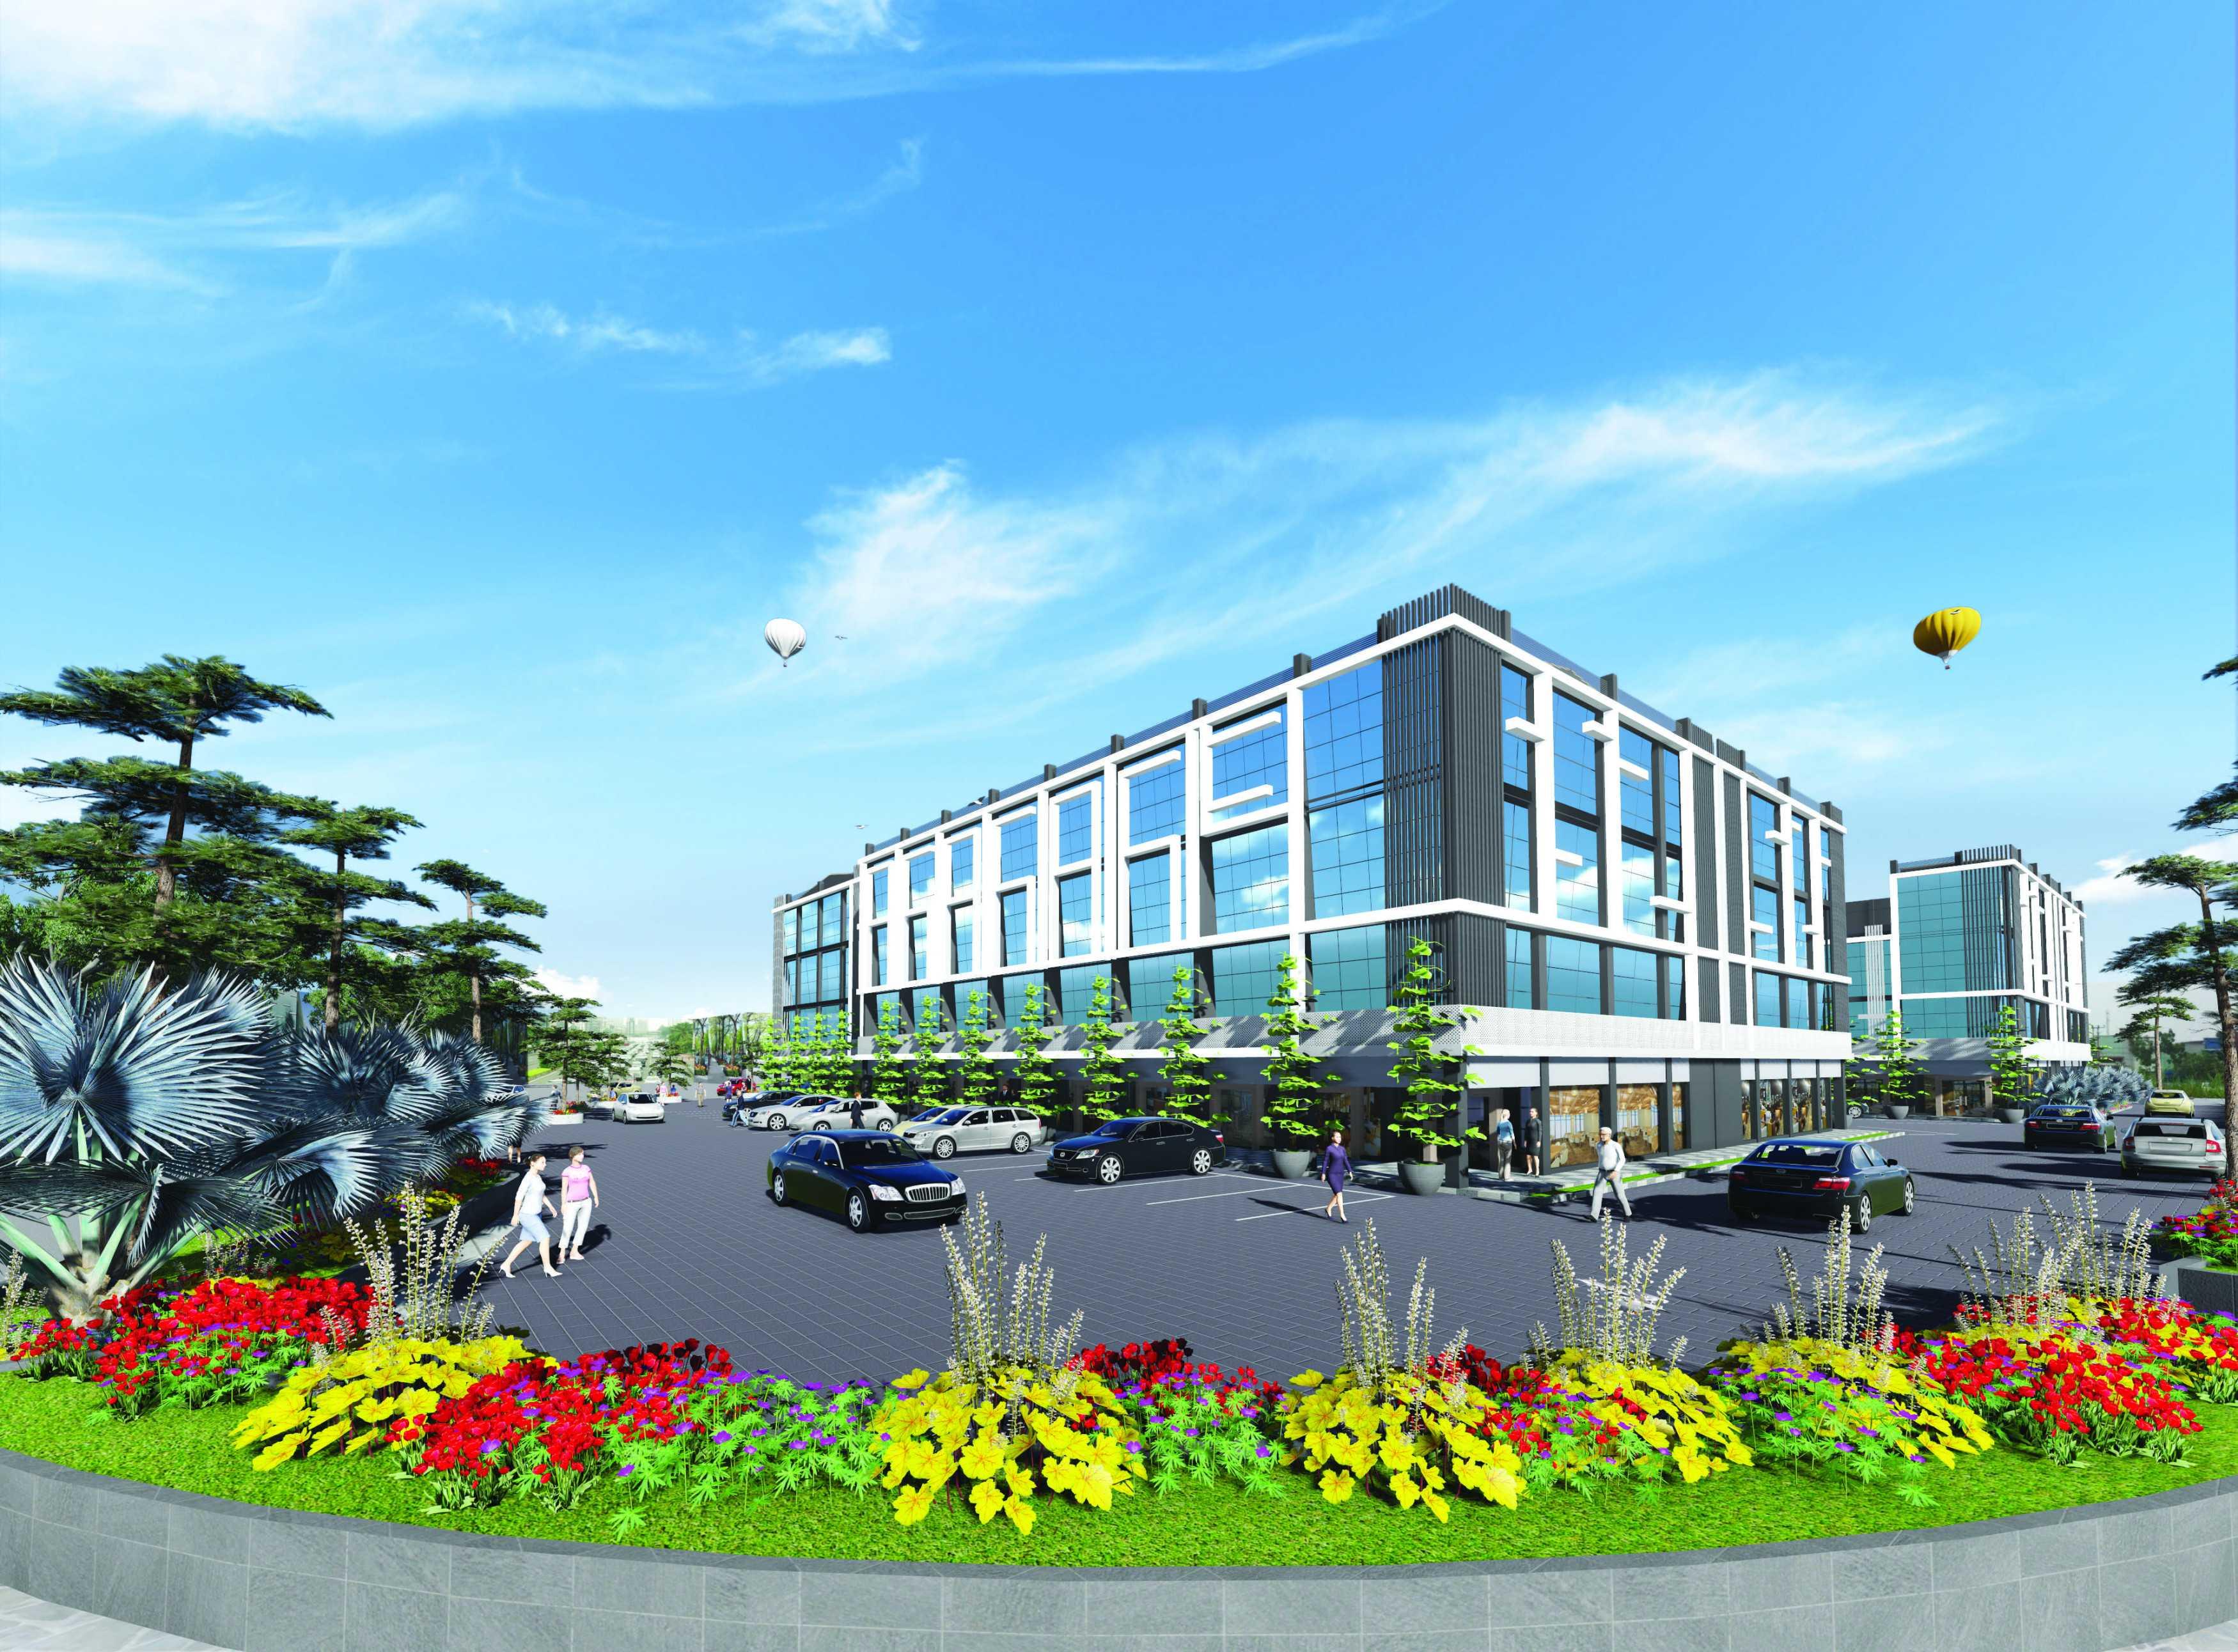 Zane Propertindo Cikarang Business Center Cikarang, Bekasi, Jawa Barat, Indonesia Cikarang, Bekasi, Jawa Barat, Indonesia Zane-Propertindo-Cikarang-Business-Center   53293